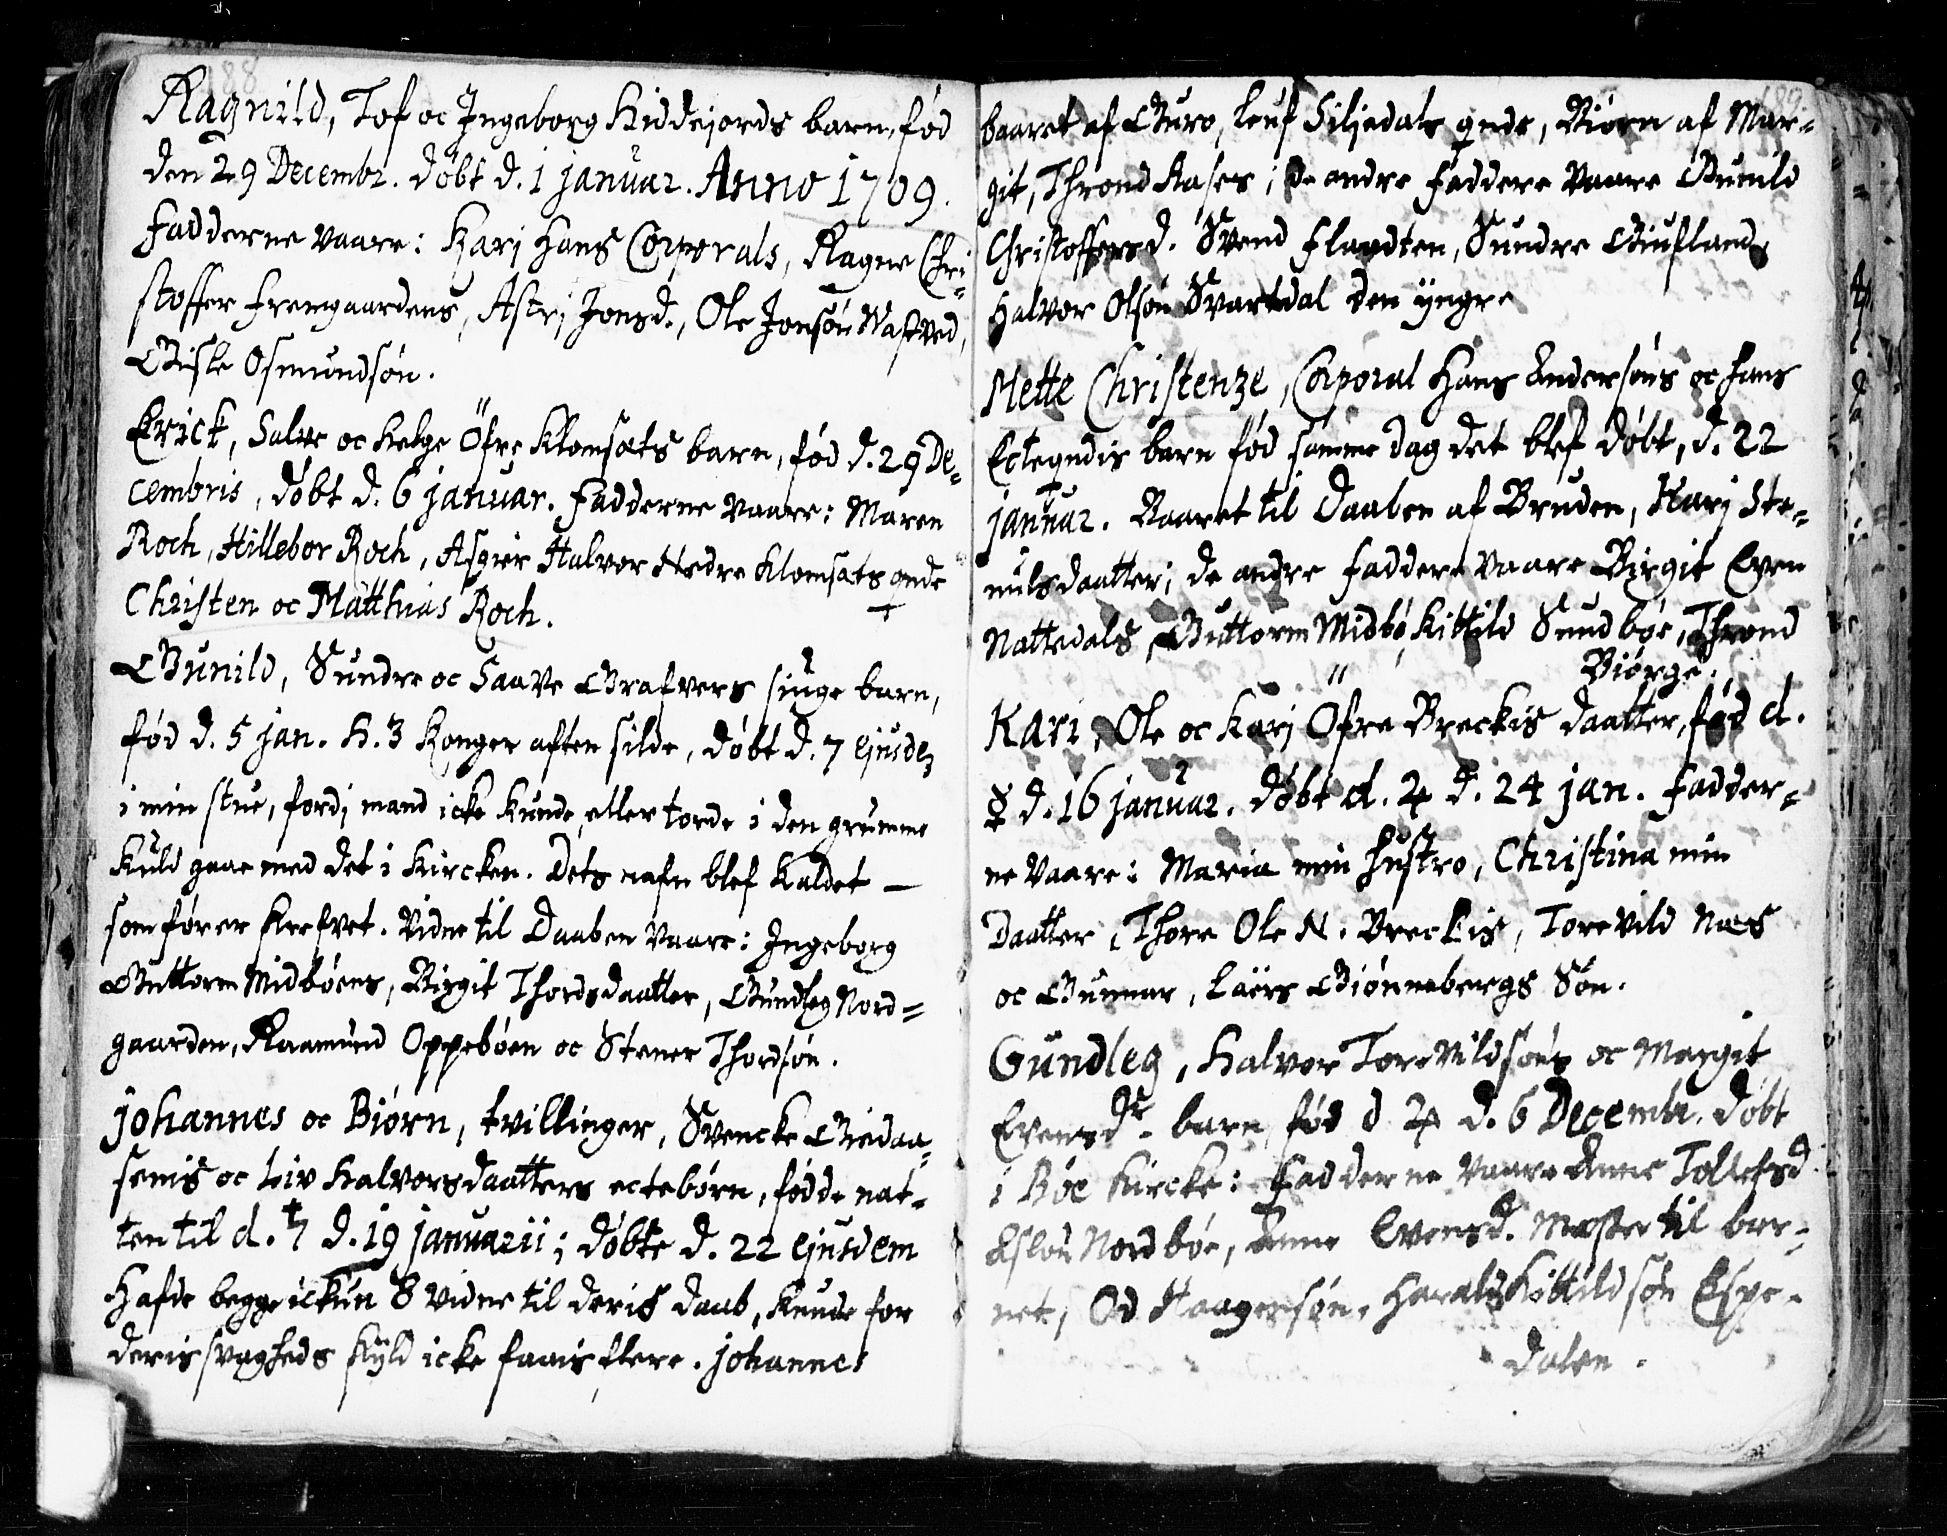 SAKO, Seljord kirkebøker, F/Fa/L0002: Ministerialbok nr. I 2, 1689-1713, s. 188-189